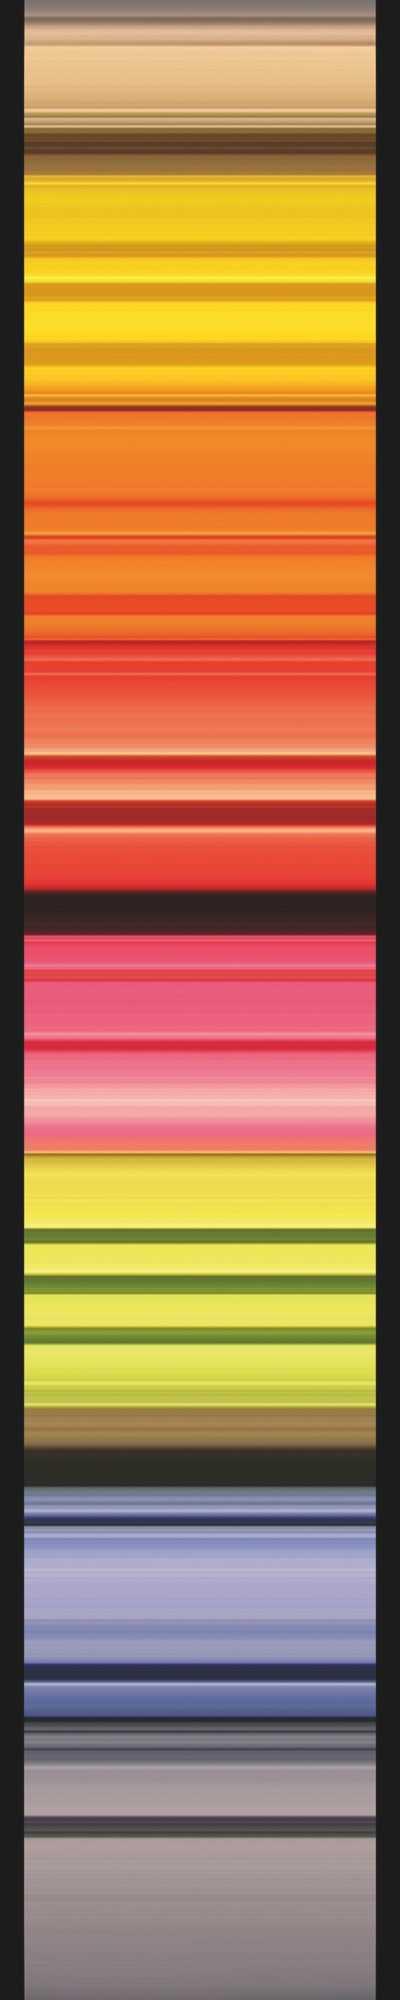 Non-woven photomural Stripes